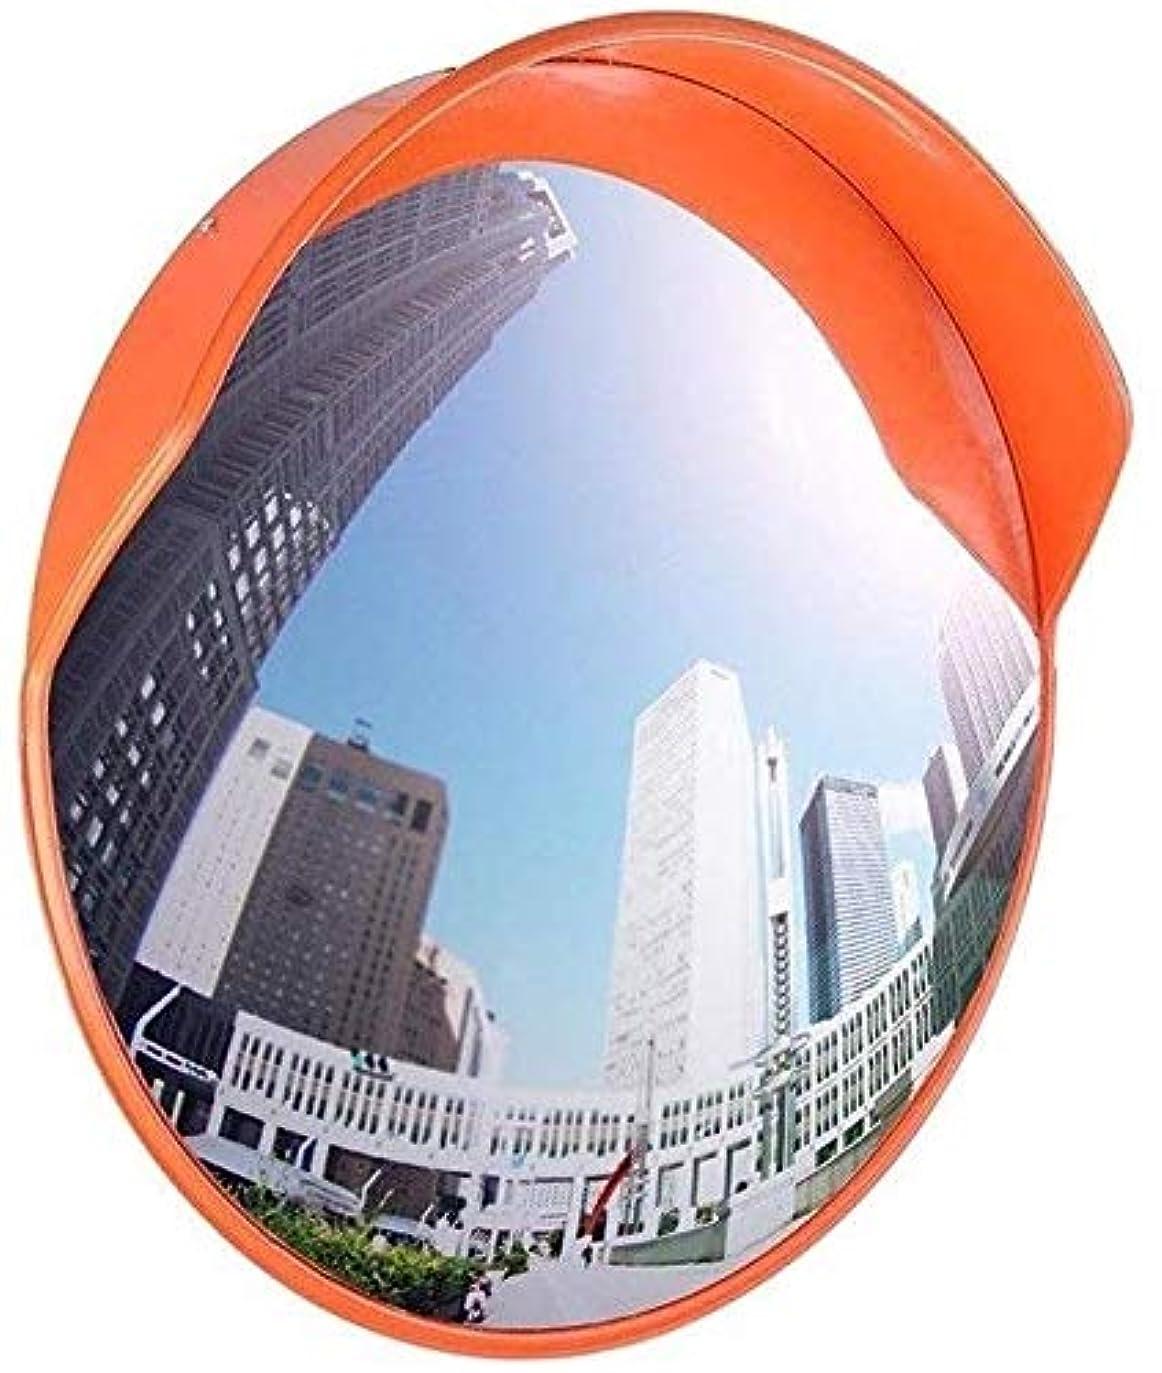 魔術表面添加-Safety Mirrors 45-120CM Convex Unbreakable Traffic Mirror、Street Roadside Traffic Mirror Rainproof Not Deformed Convex Mirror(サイズ:60CM)